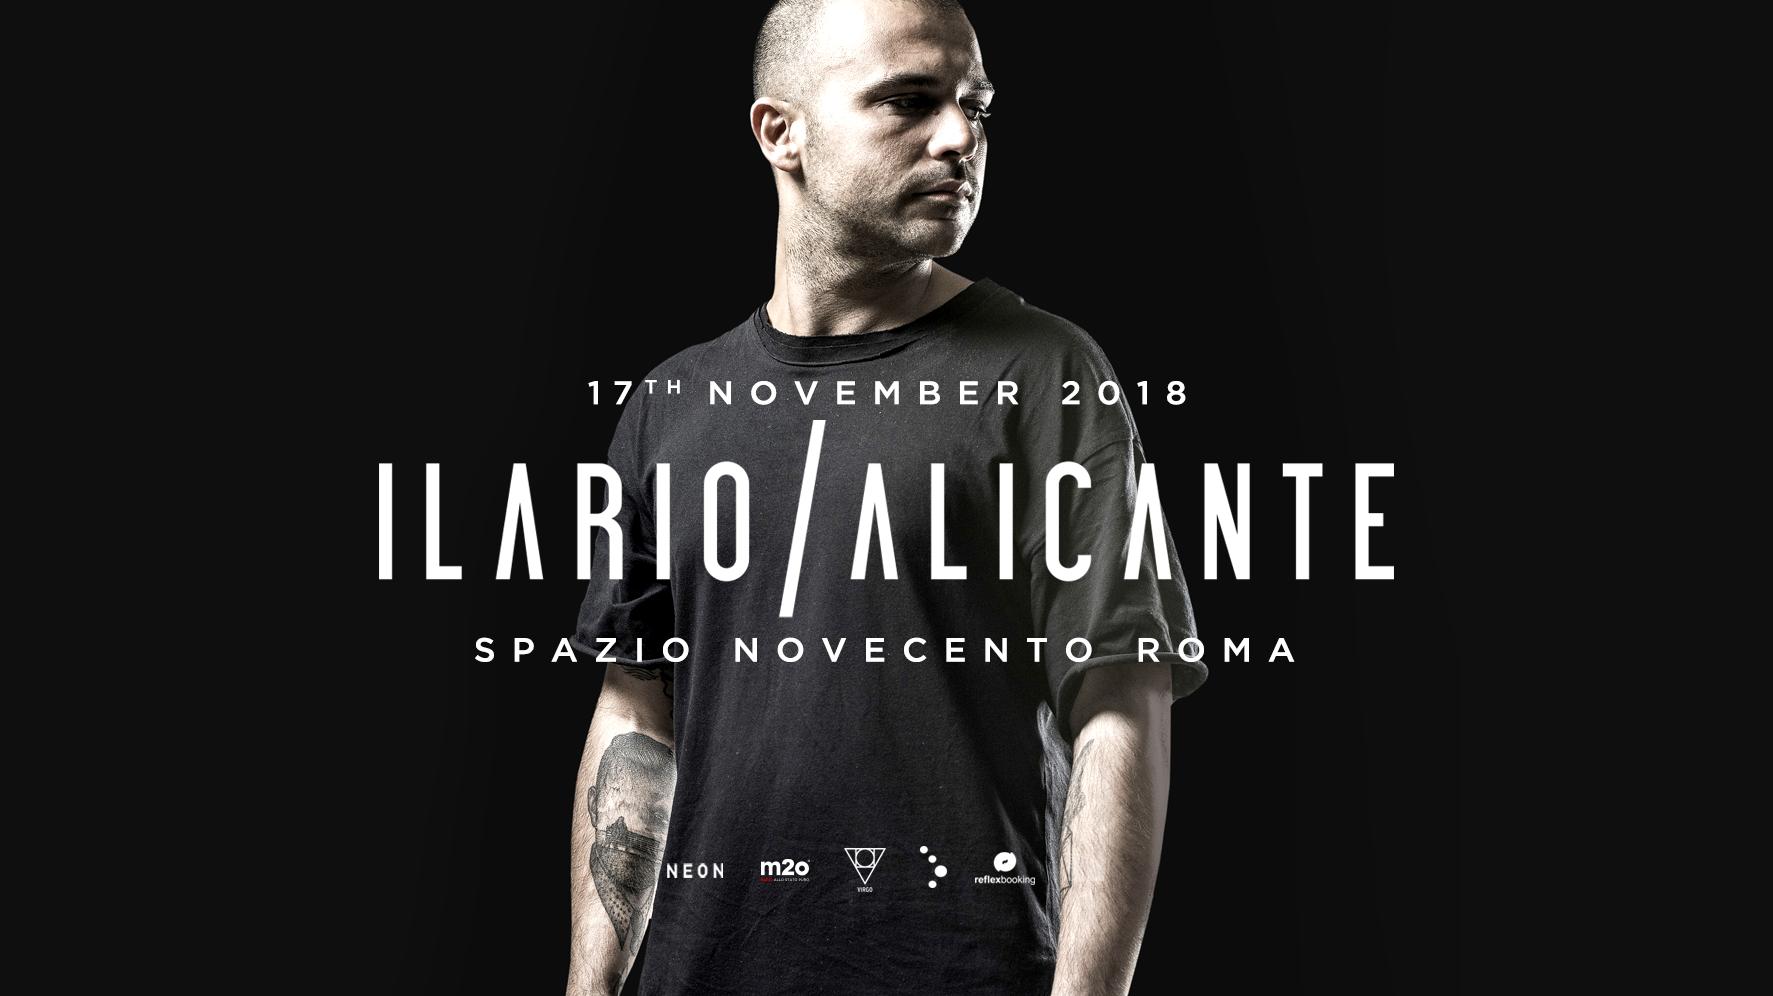 Ilario Alicante @ Spazio Novecento Roma – 17 Novembre 2018 Ticket Pacchetti Hotel